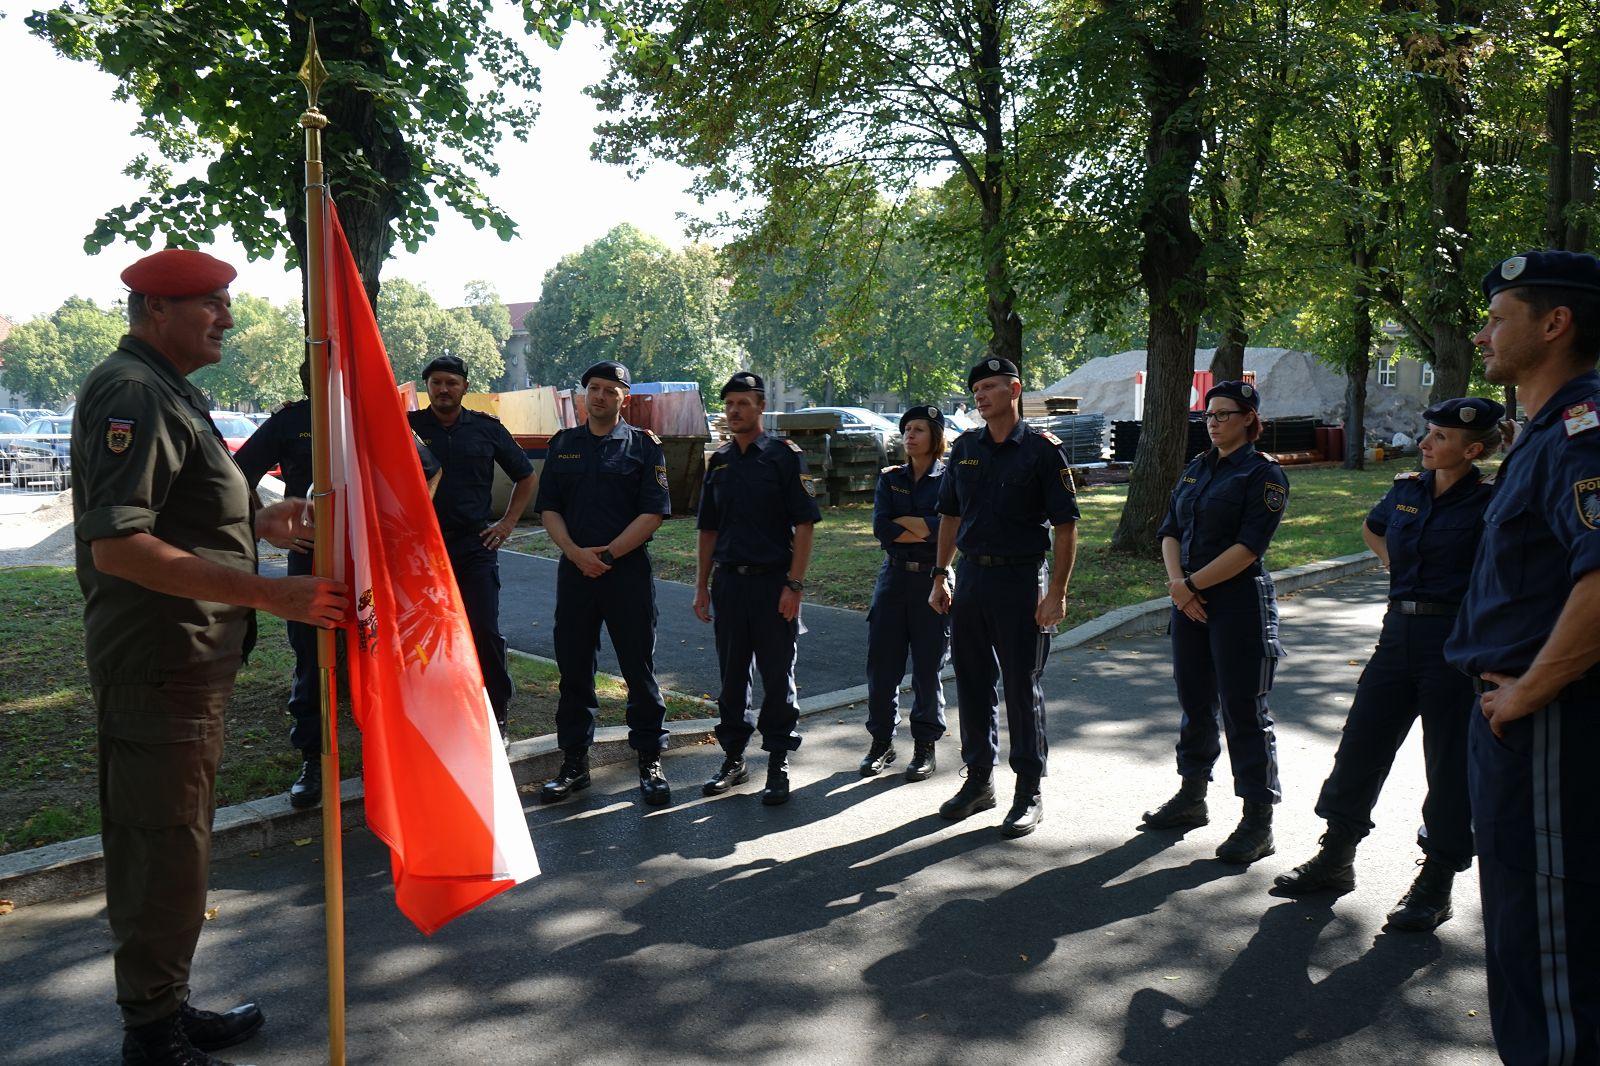 2018_09_14_Polizei_trifft_BundesheerDSC00281